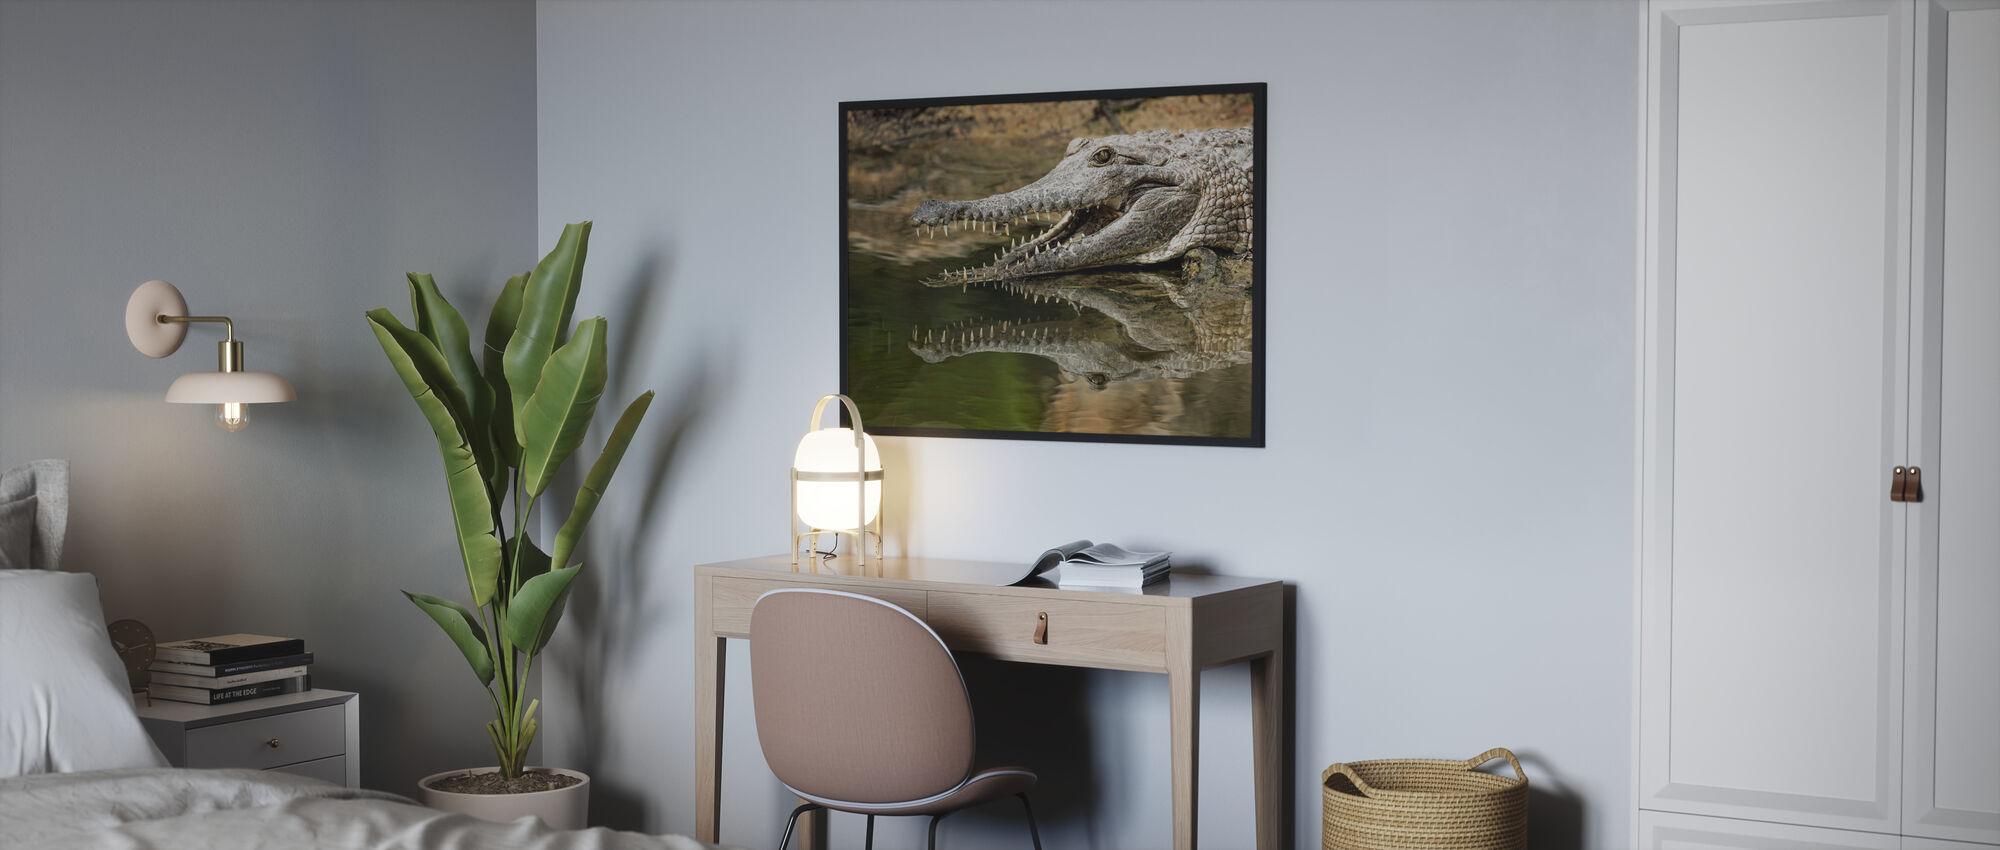 Freshwater Crocodile - Poster - Bedroom